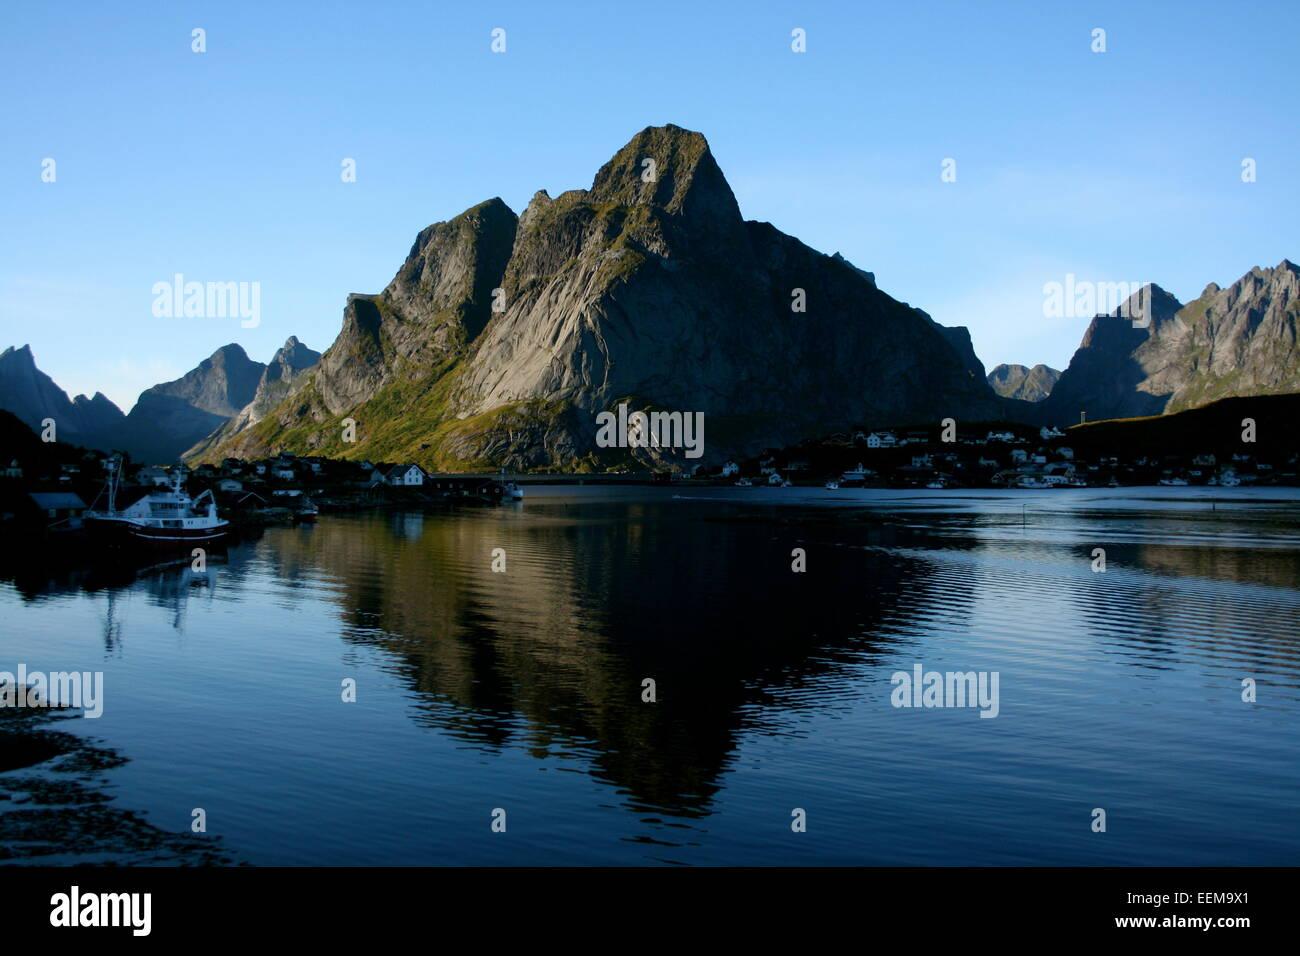 Norwegen, Skandinavien, Lofoten, Blick auf Bucht mit Berg im Hintergrund Stockbild